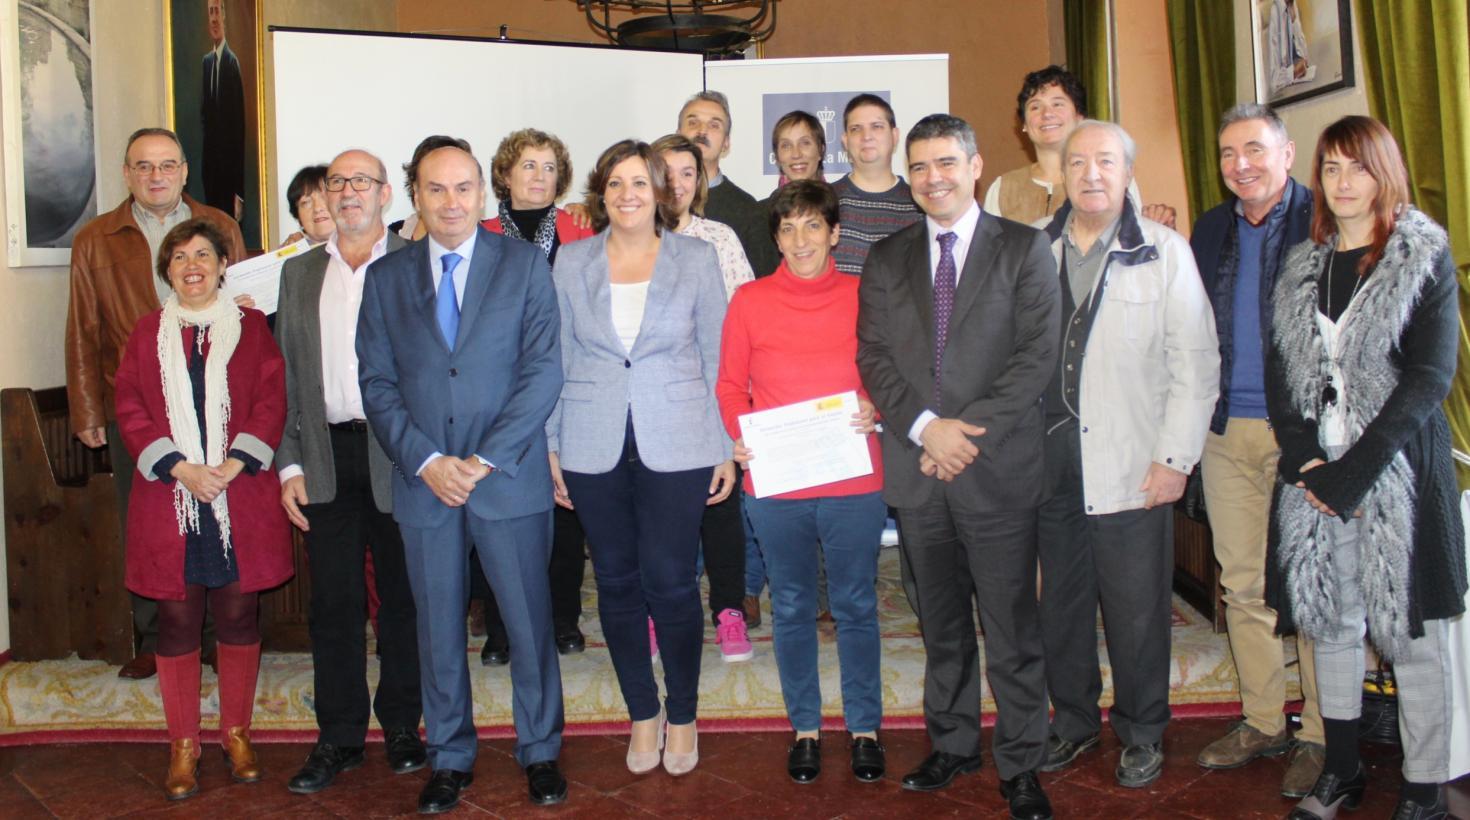 Un total de 9.000 personas se han beneficiado de los programas de formación dual puestos en marcha por el Gobierno regional, con una inversión de más de 75 millones de euros